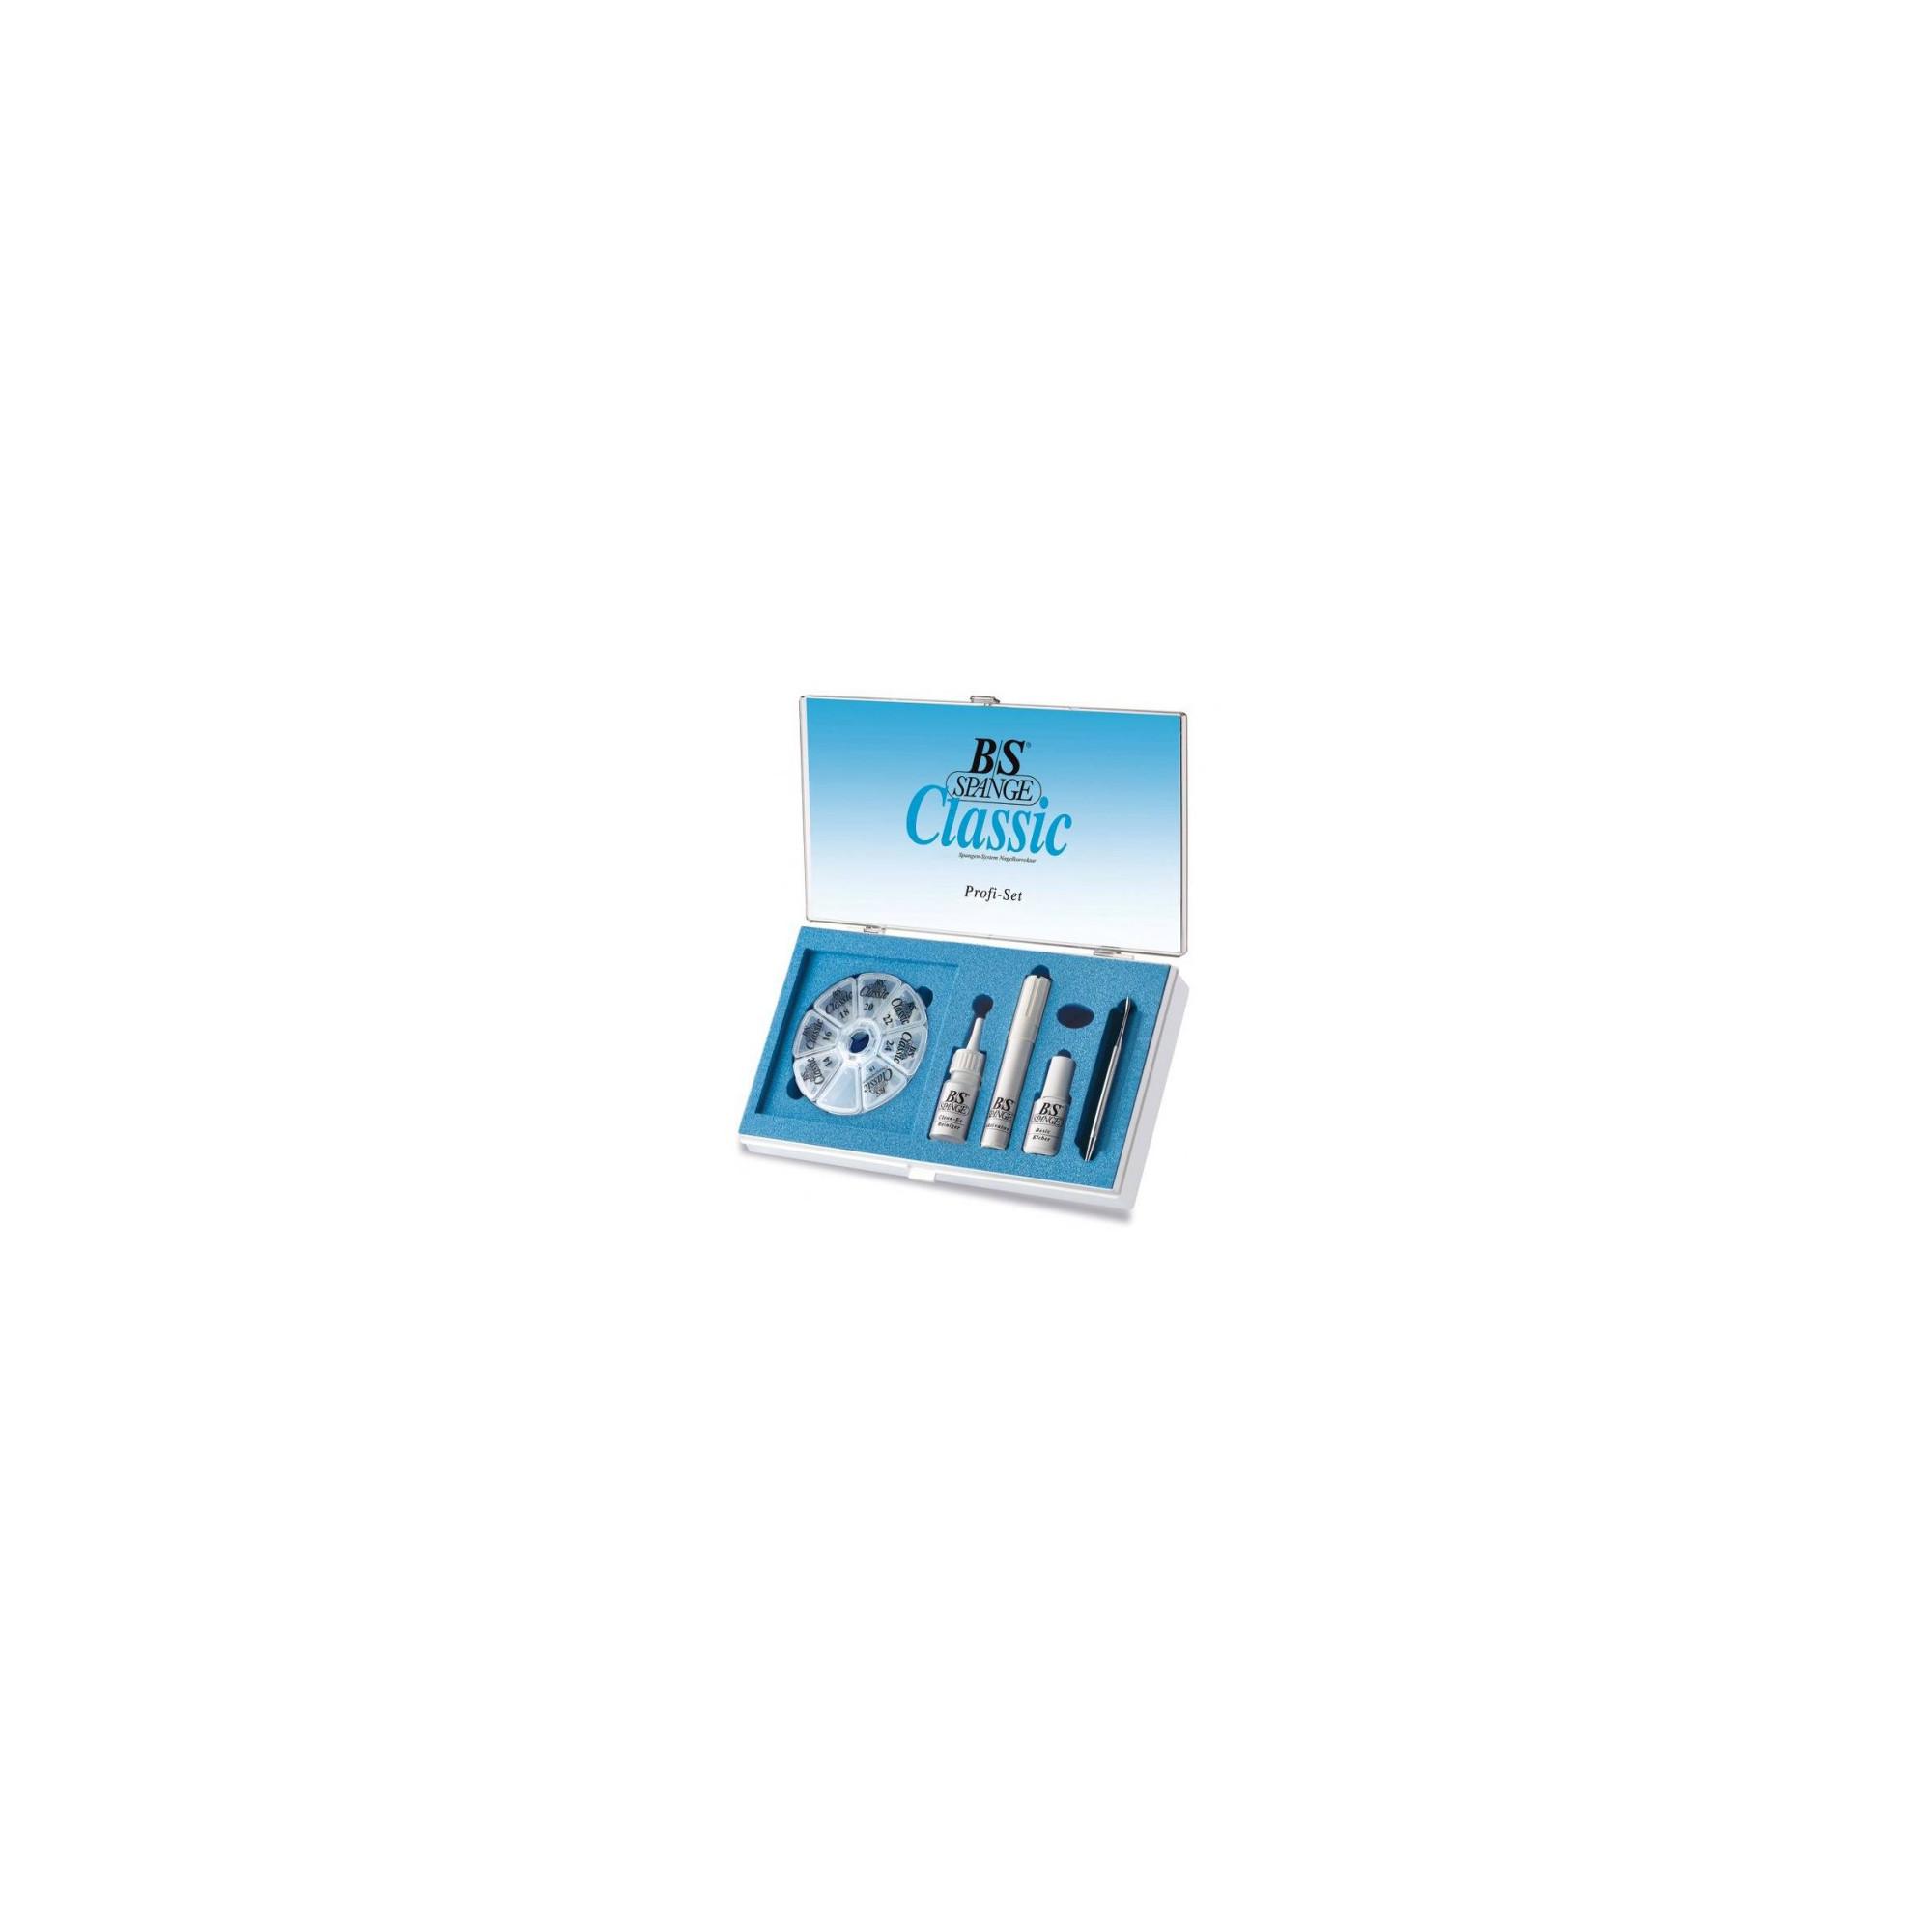 Boîte professionnelle B/S Classique - Profi Set - x60 languettes B/S classiques